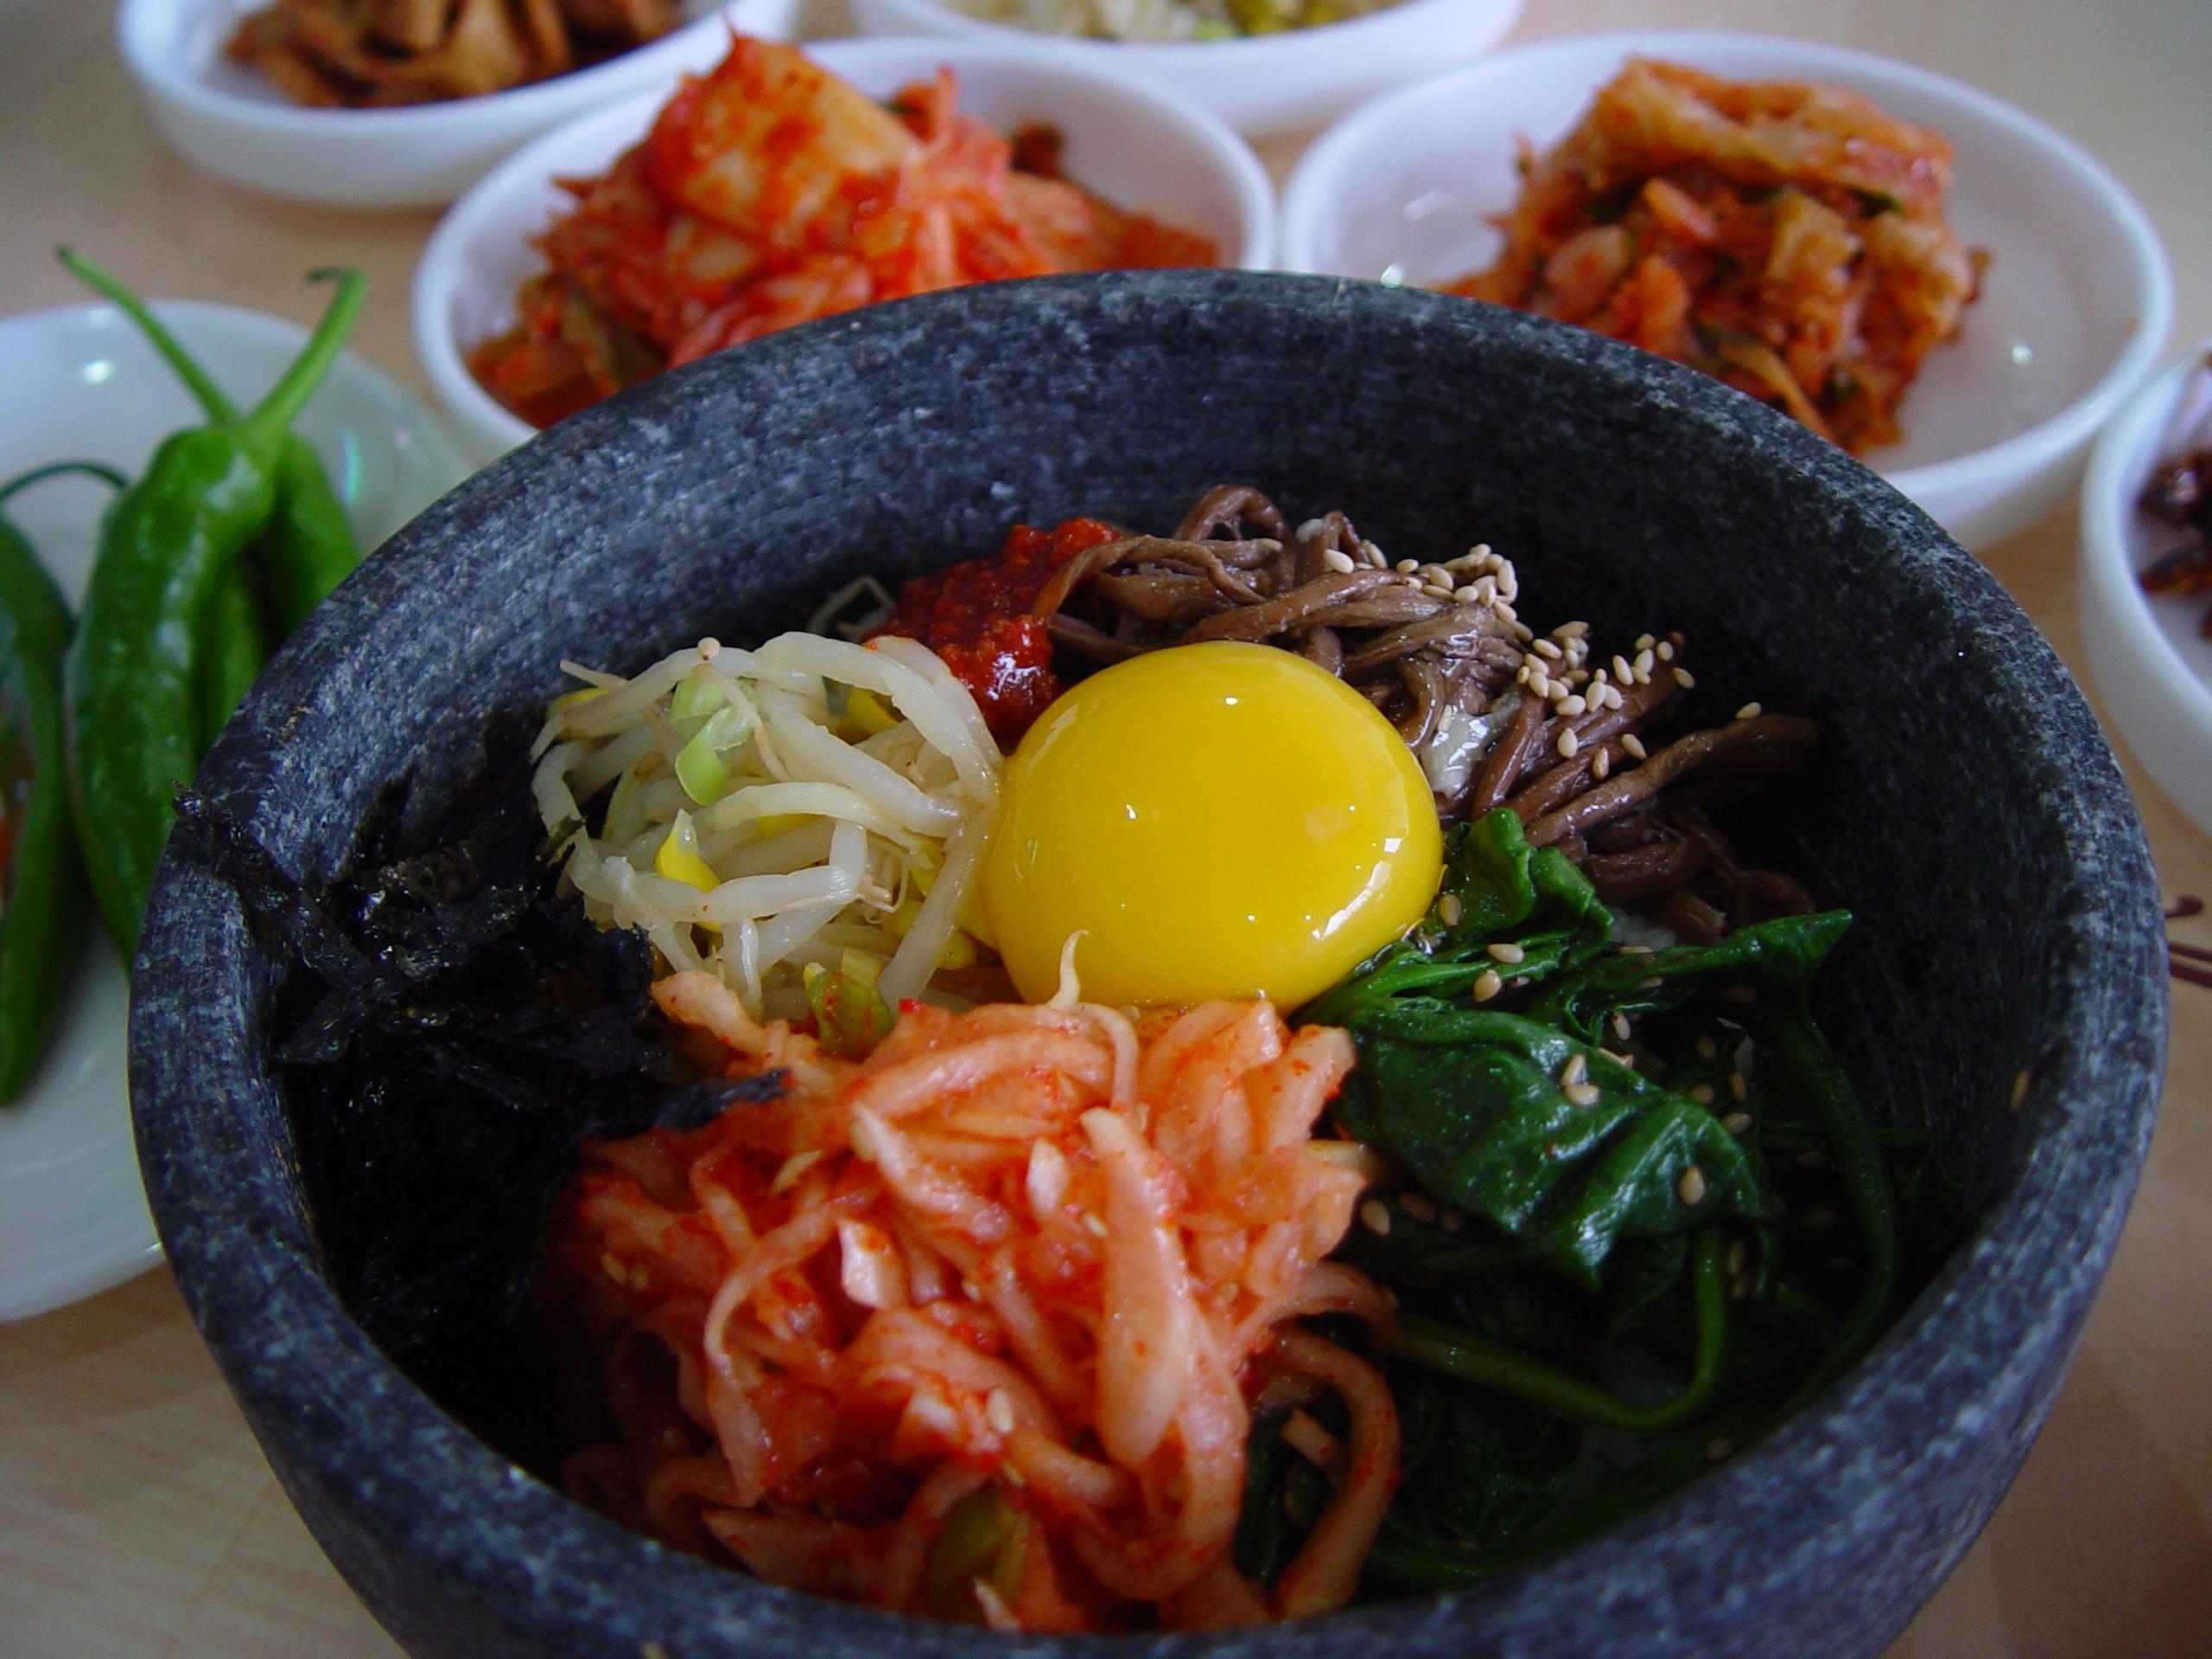 무료 이미지 아시아 사람 요리 식사 식품 누들 한국 음식 태국 음식 반찬 중국 음식